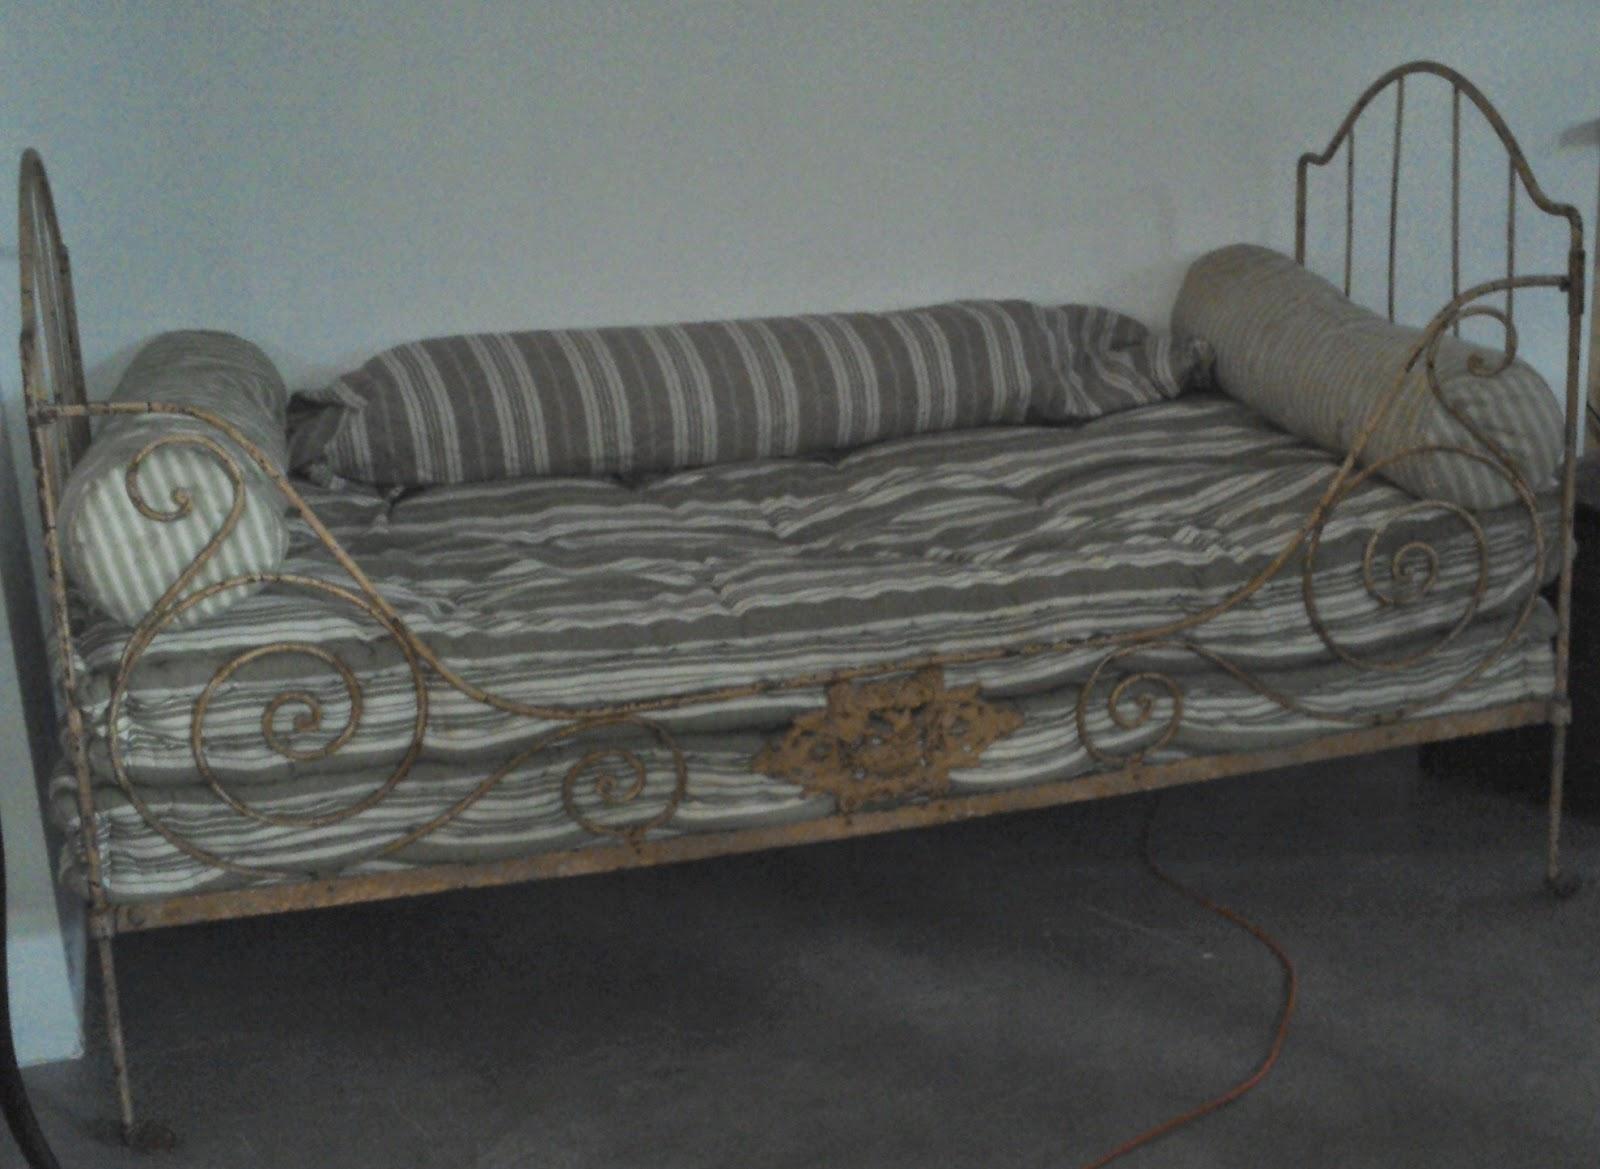 Ancien lit en fer forg banquette art populaire banc - Vente matelas en ligne ...